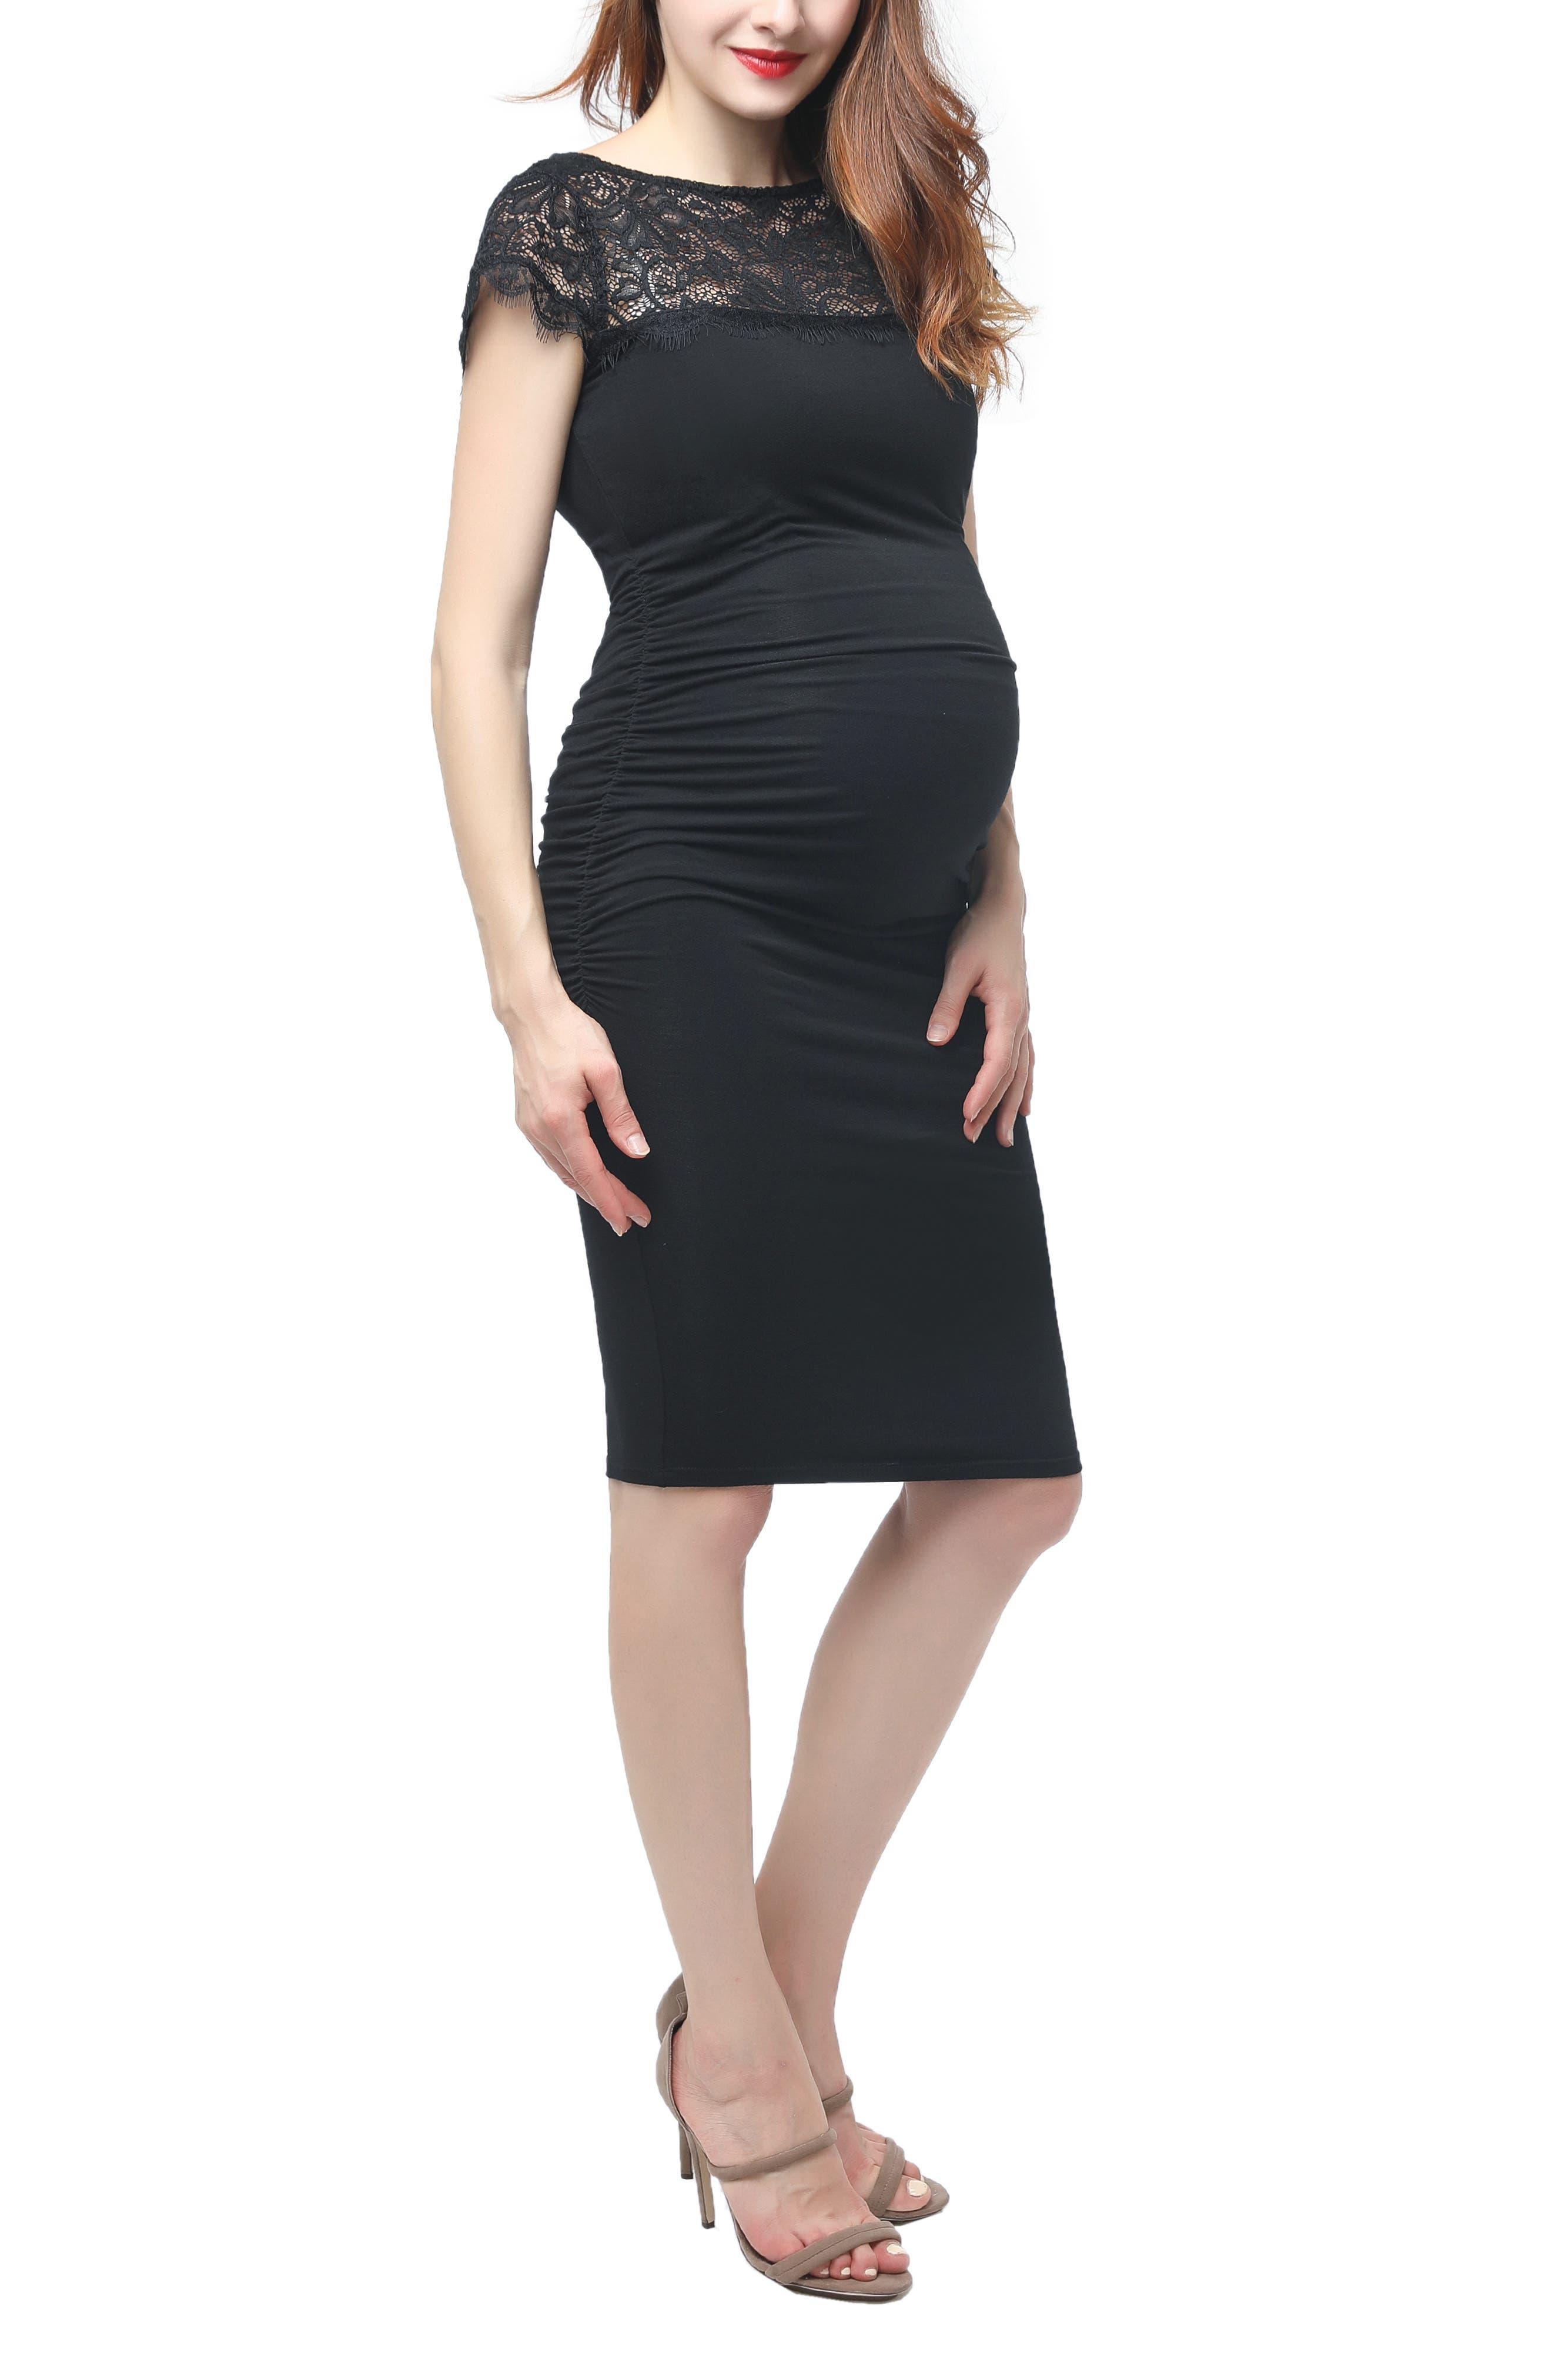 Kimi And Kai Morgran Lace Trim Body-Con Maternity Dress